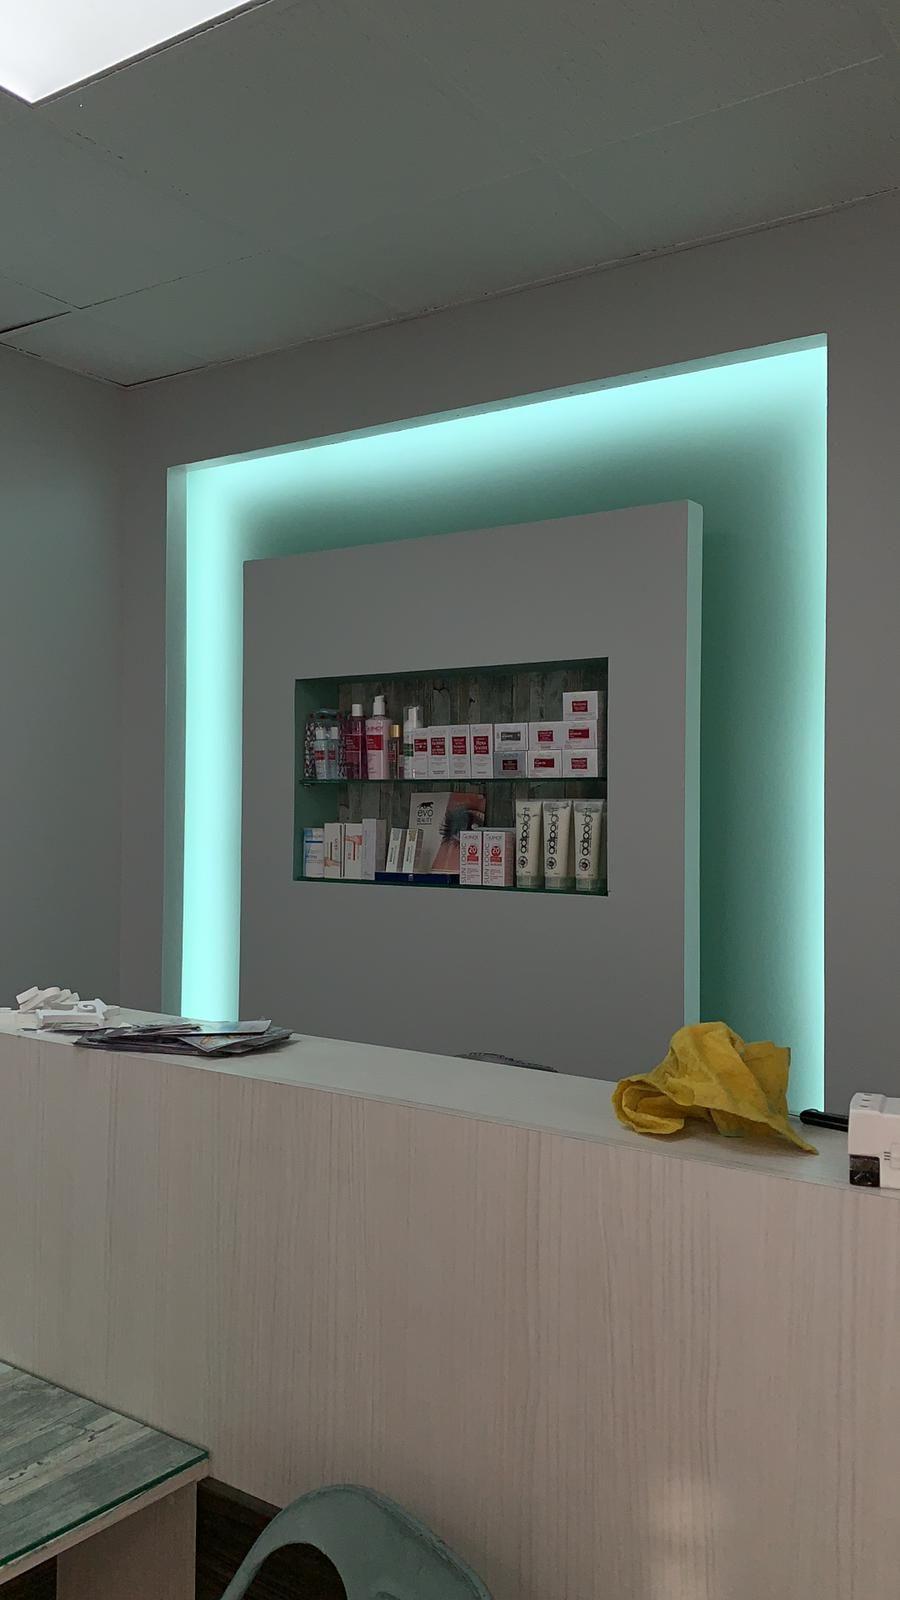 Centro especializado en manicuras y pedicuras en Zaragoza